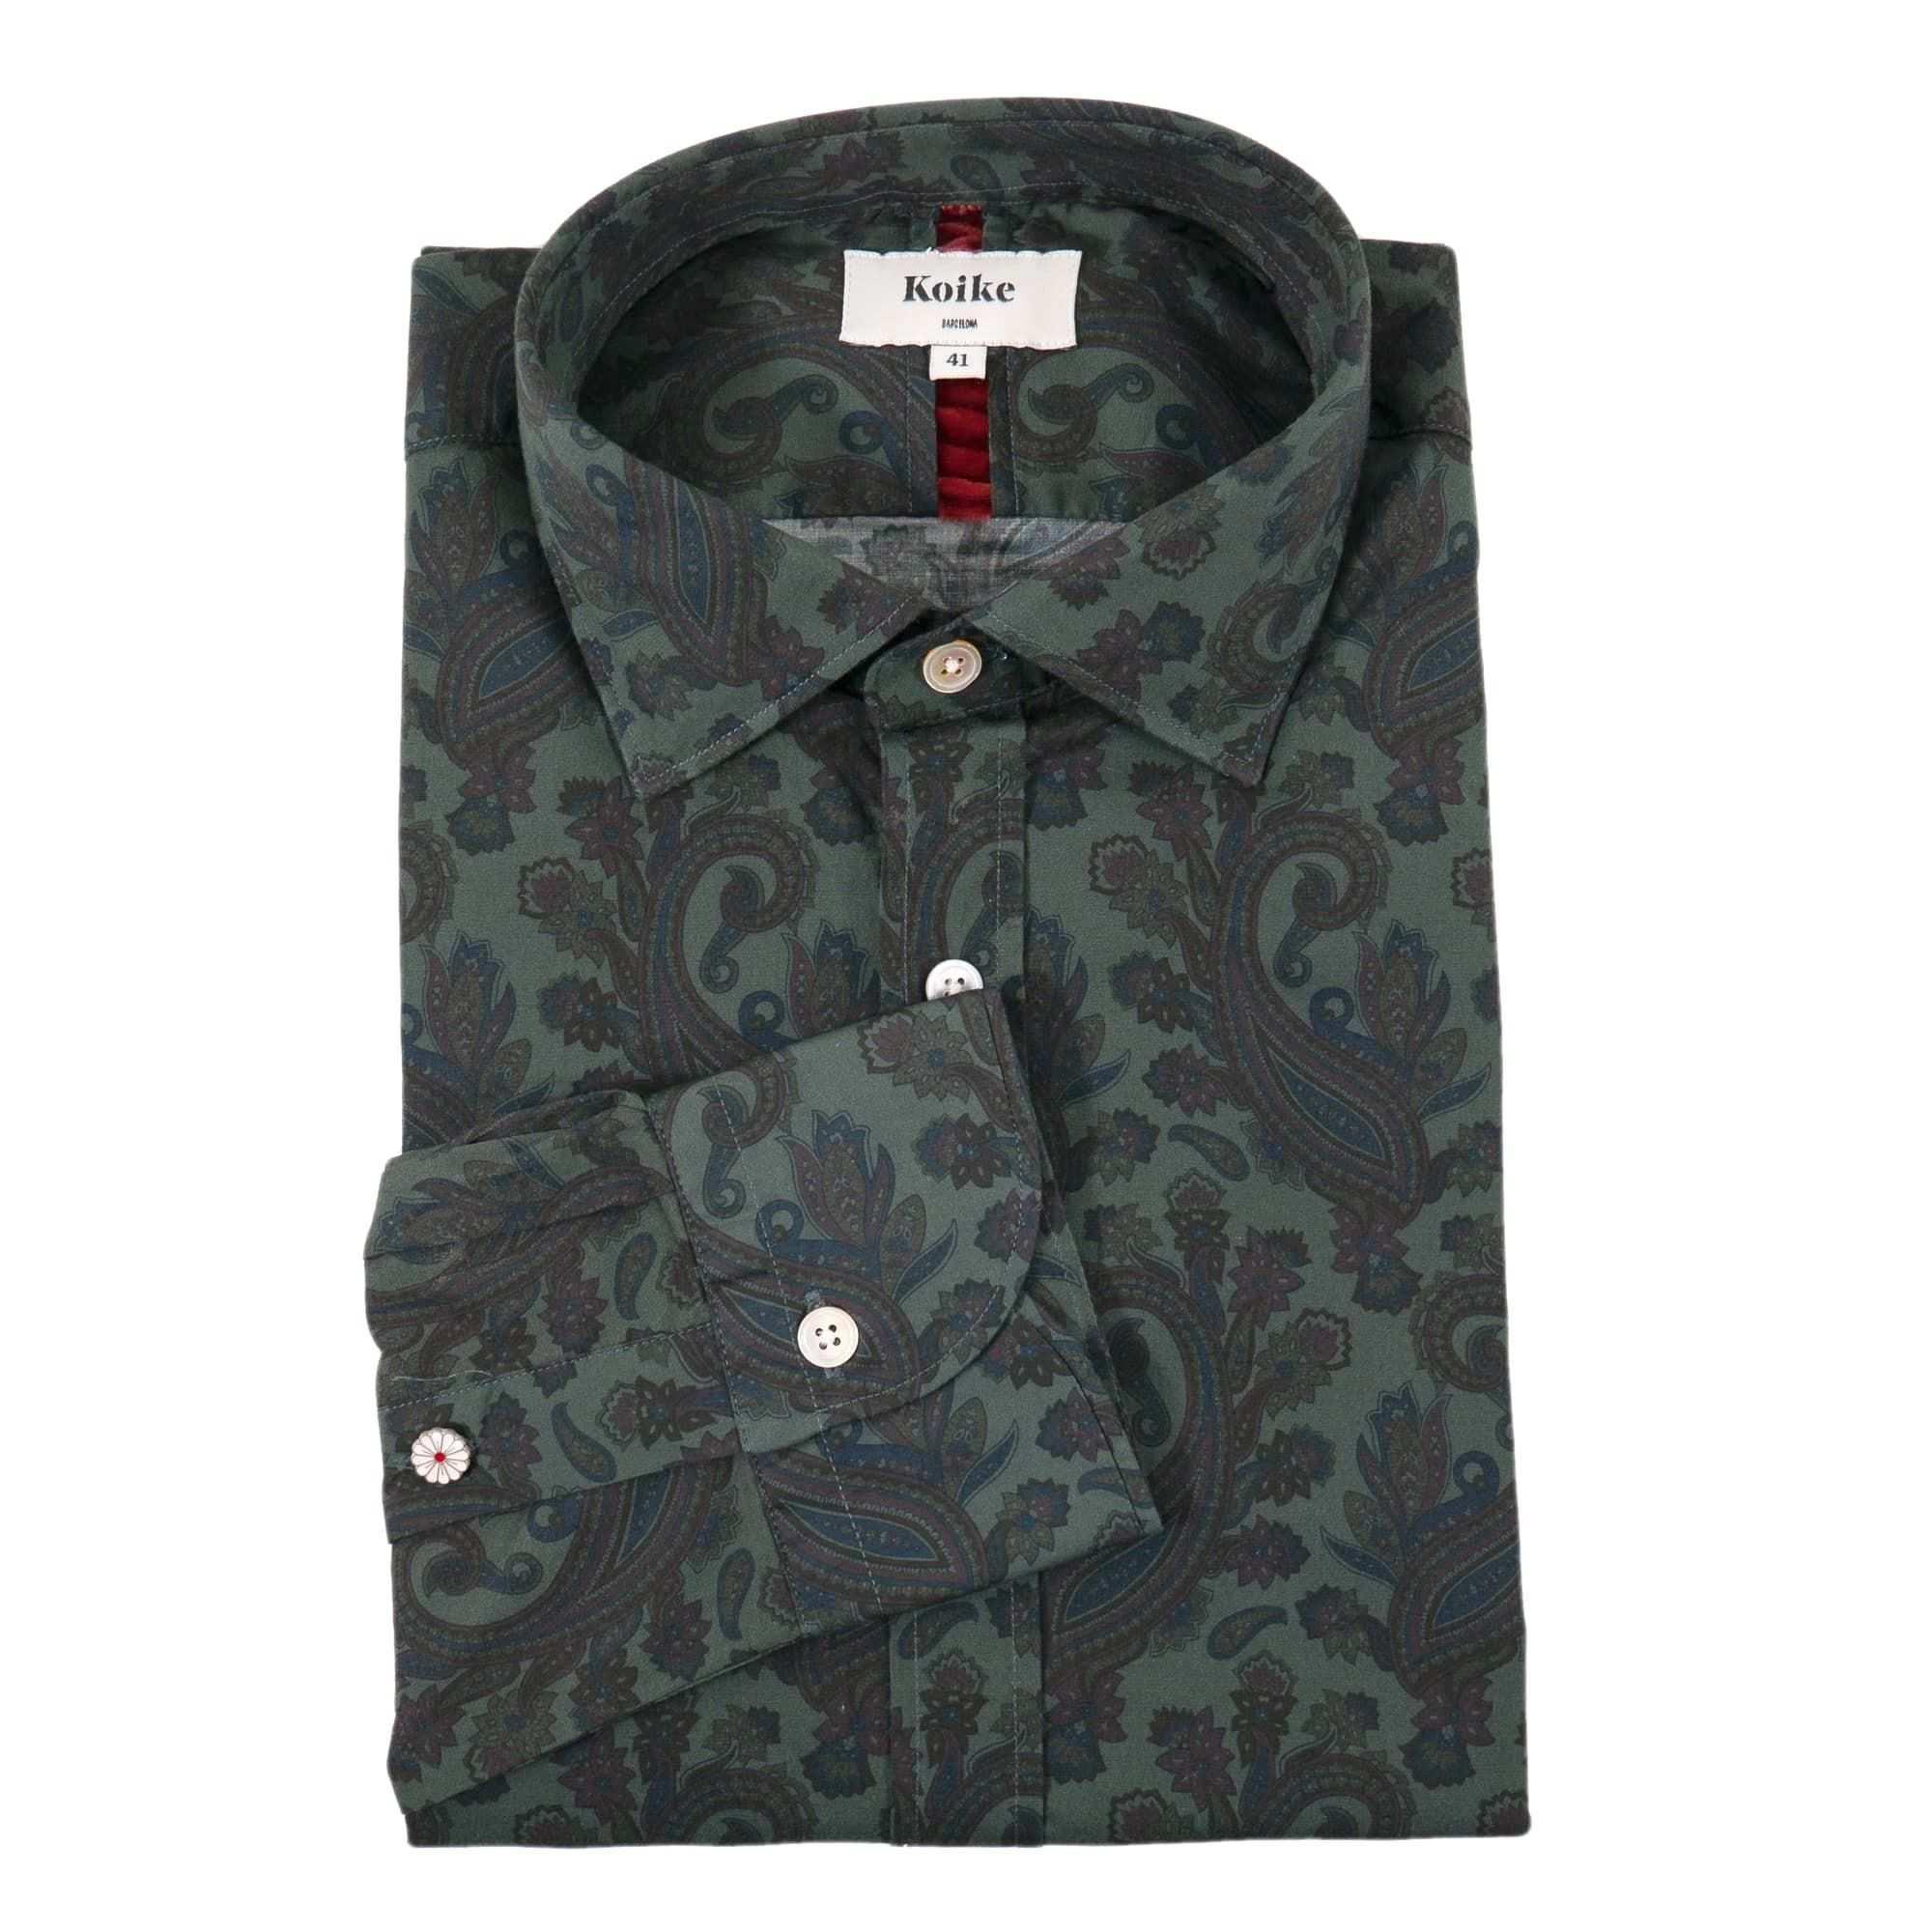 Koike Paisley Hemd In 2020 Hemd Paisley Manner Hemden